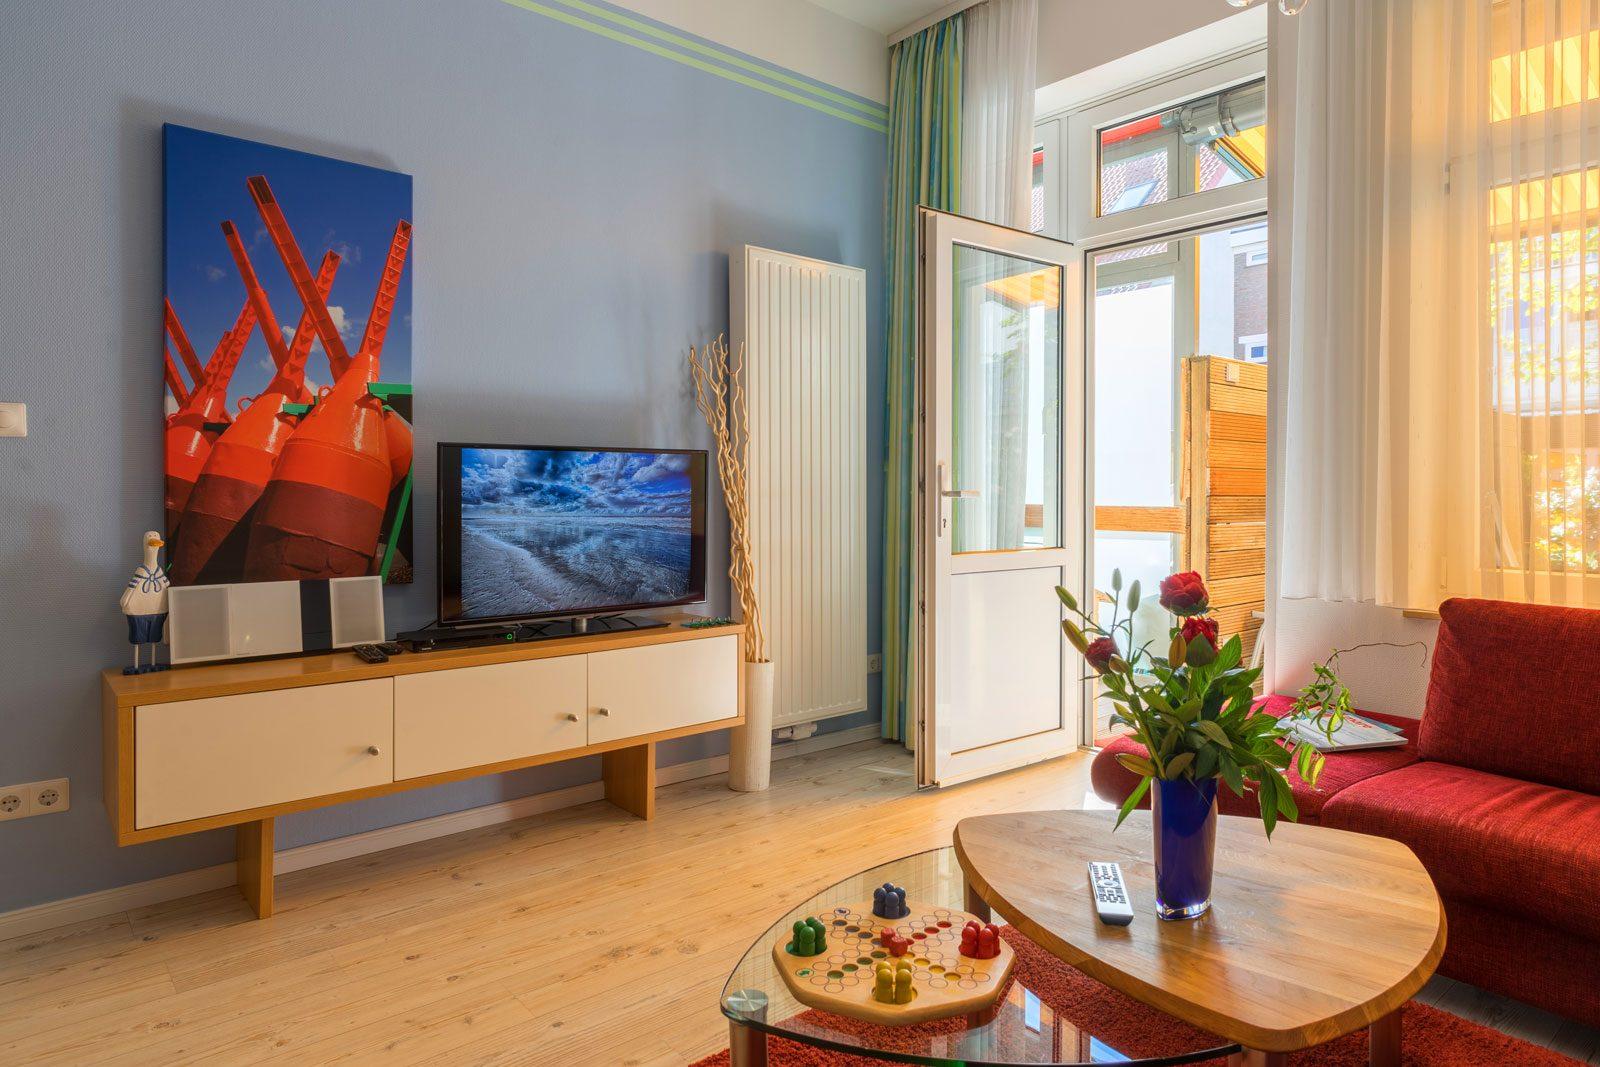 Wohnraum Apartment Sonnendeck mit Fernseher TV und grossem Bild mit roten Bojen